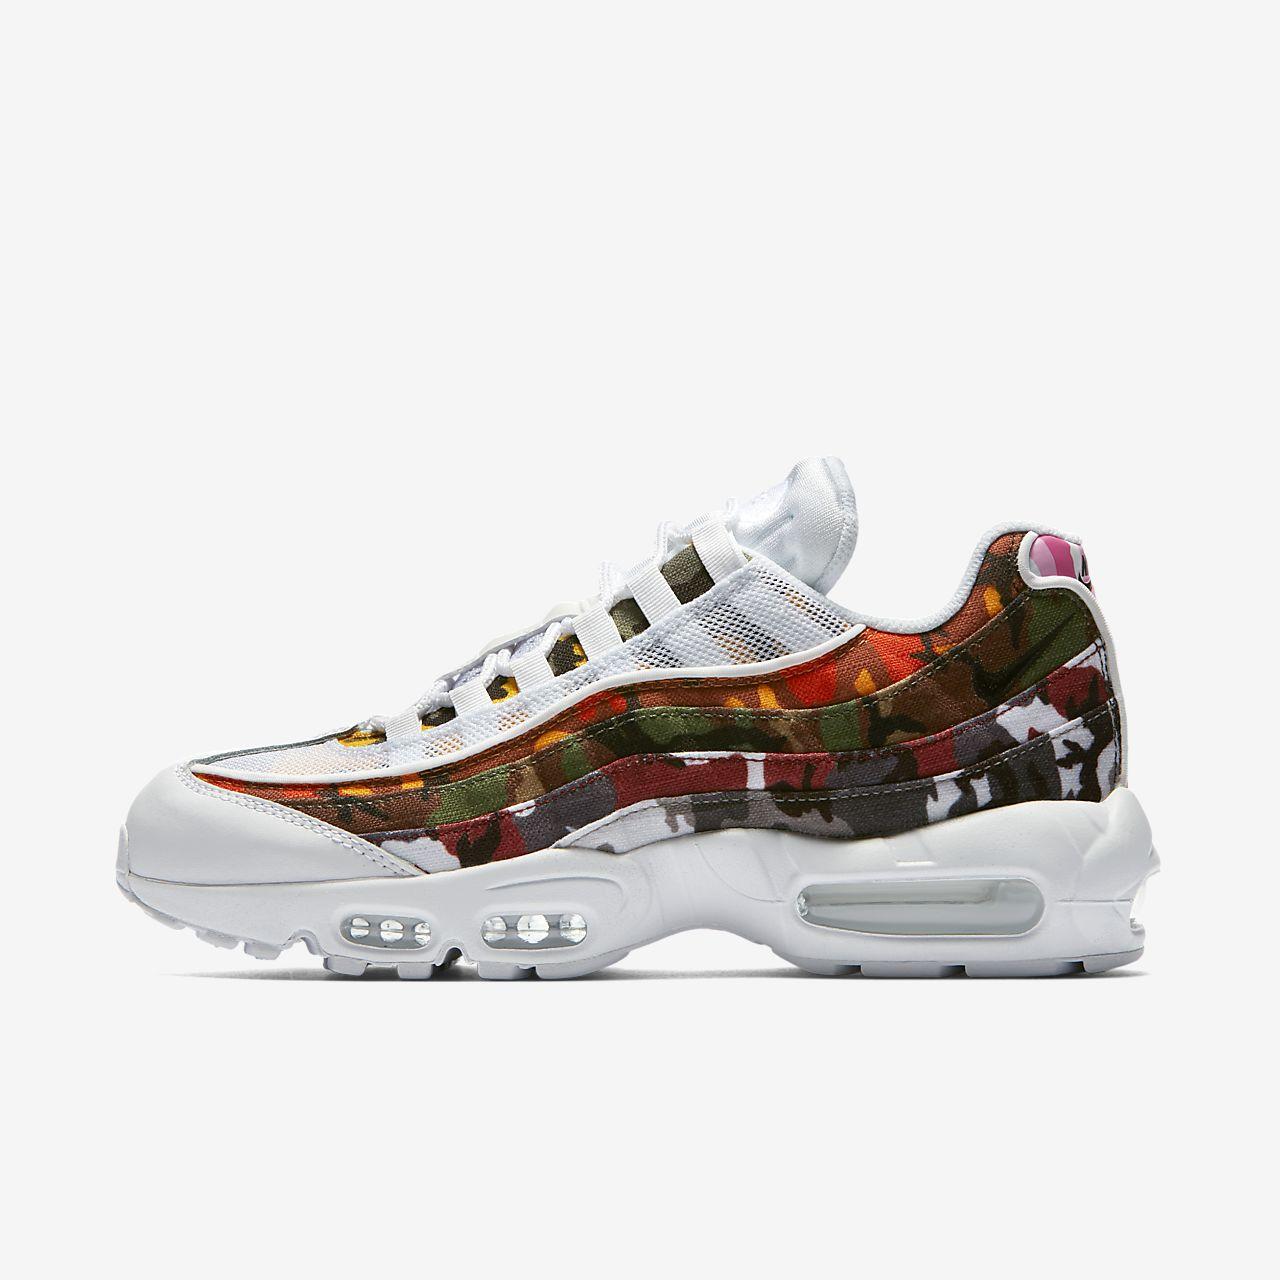 sports shoes 22e3a f4dc6 get nike air max 95 og jd c4b6c e8cbc